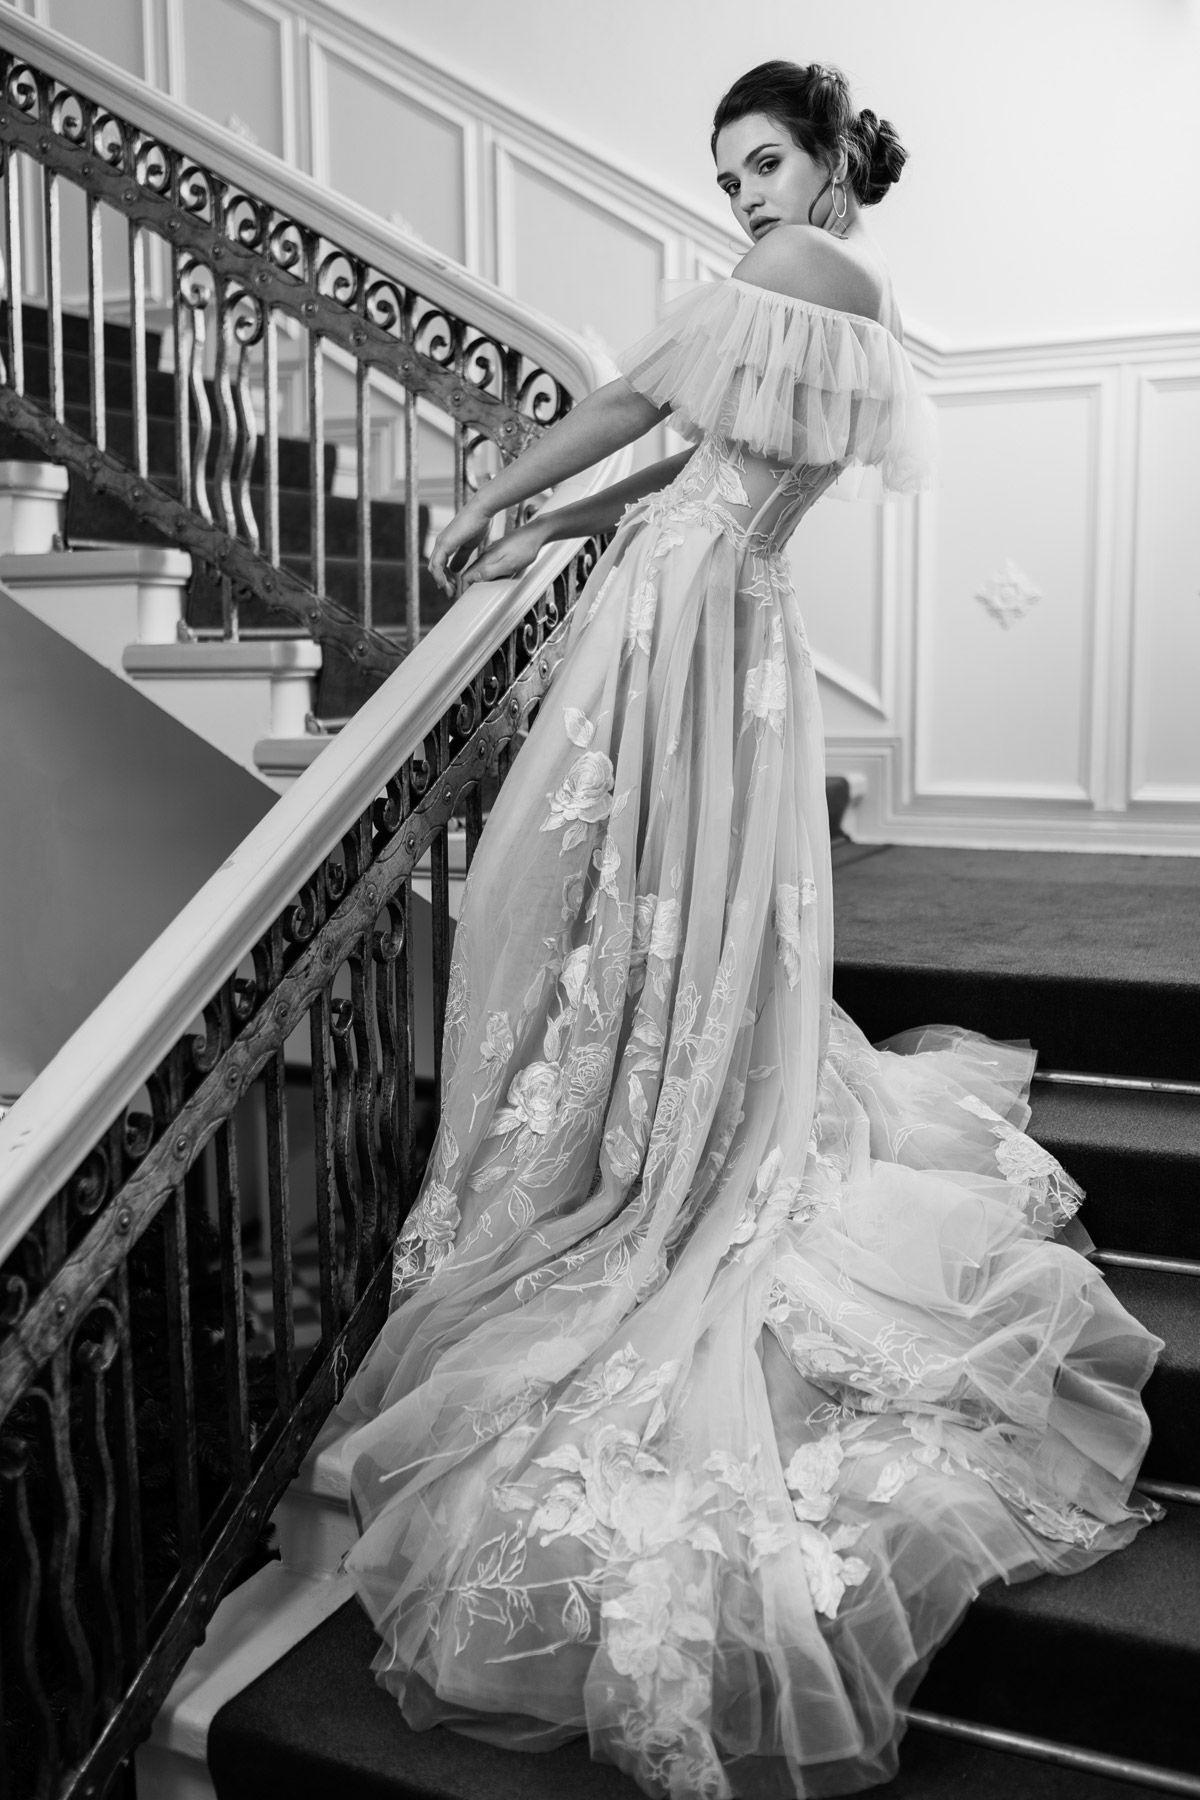 Moderne Hochzeitsfotografie Berlin - Hochzeitsidee